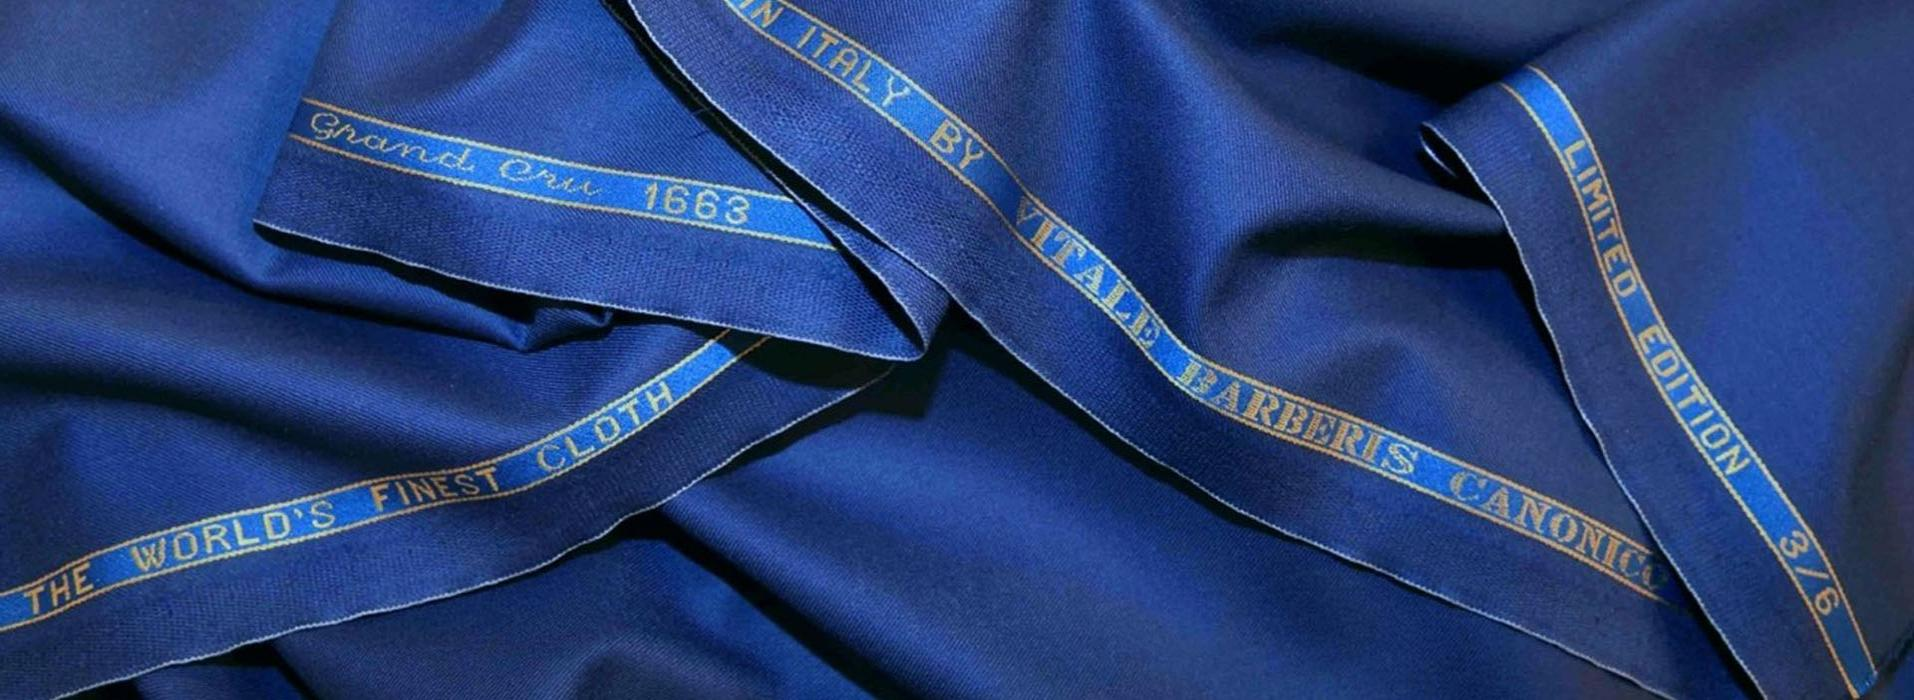 Высококачественные итальянские ткани для мужской одежды